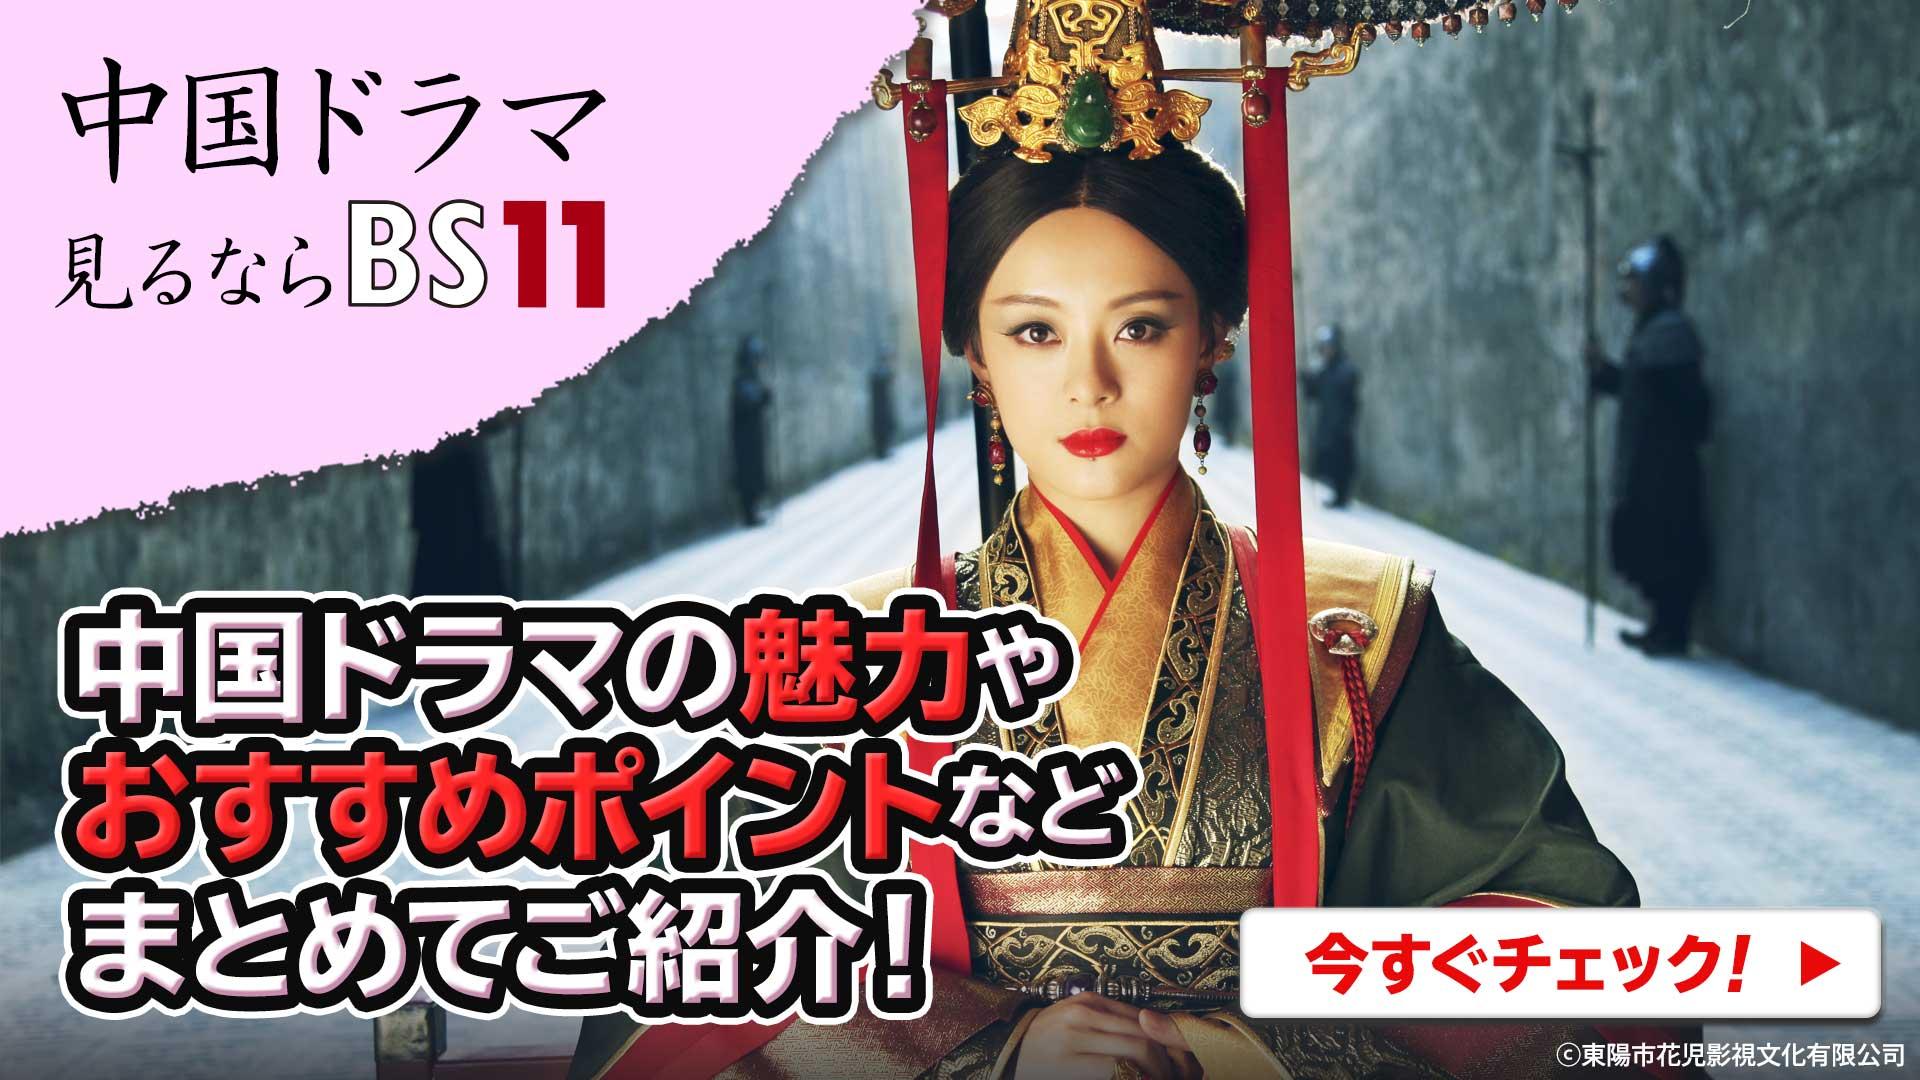 中国ドラマみるならBS11!